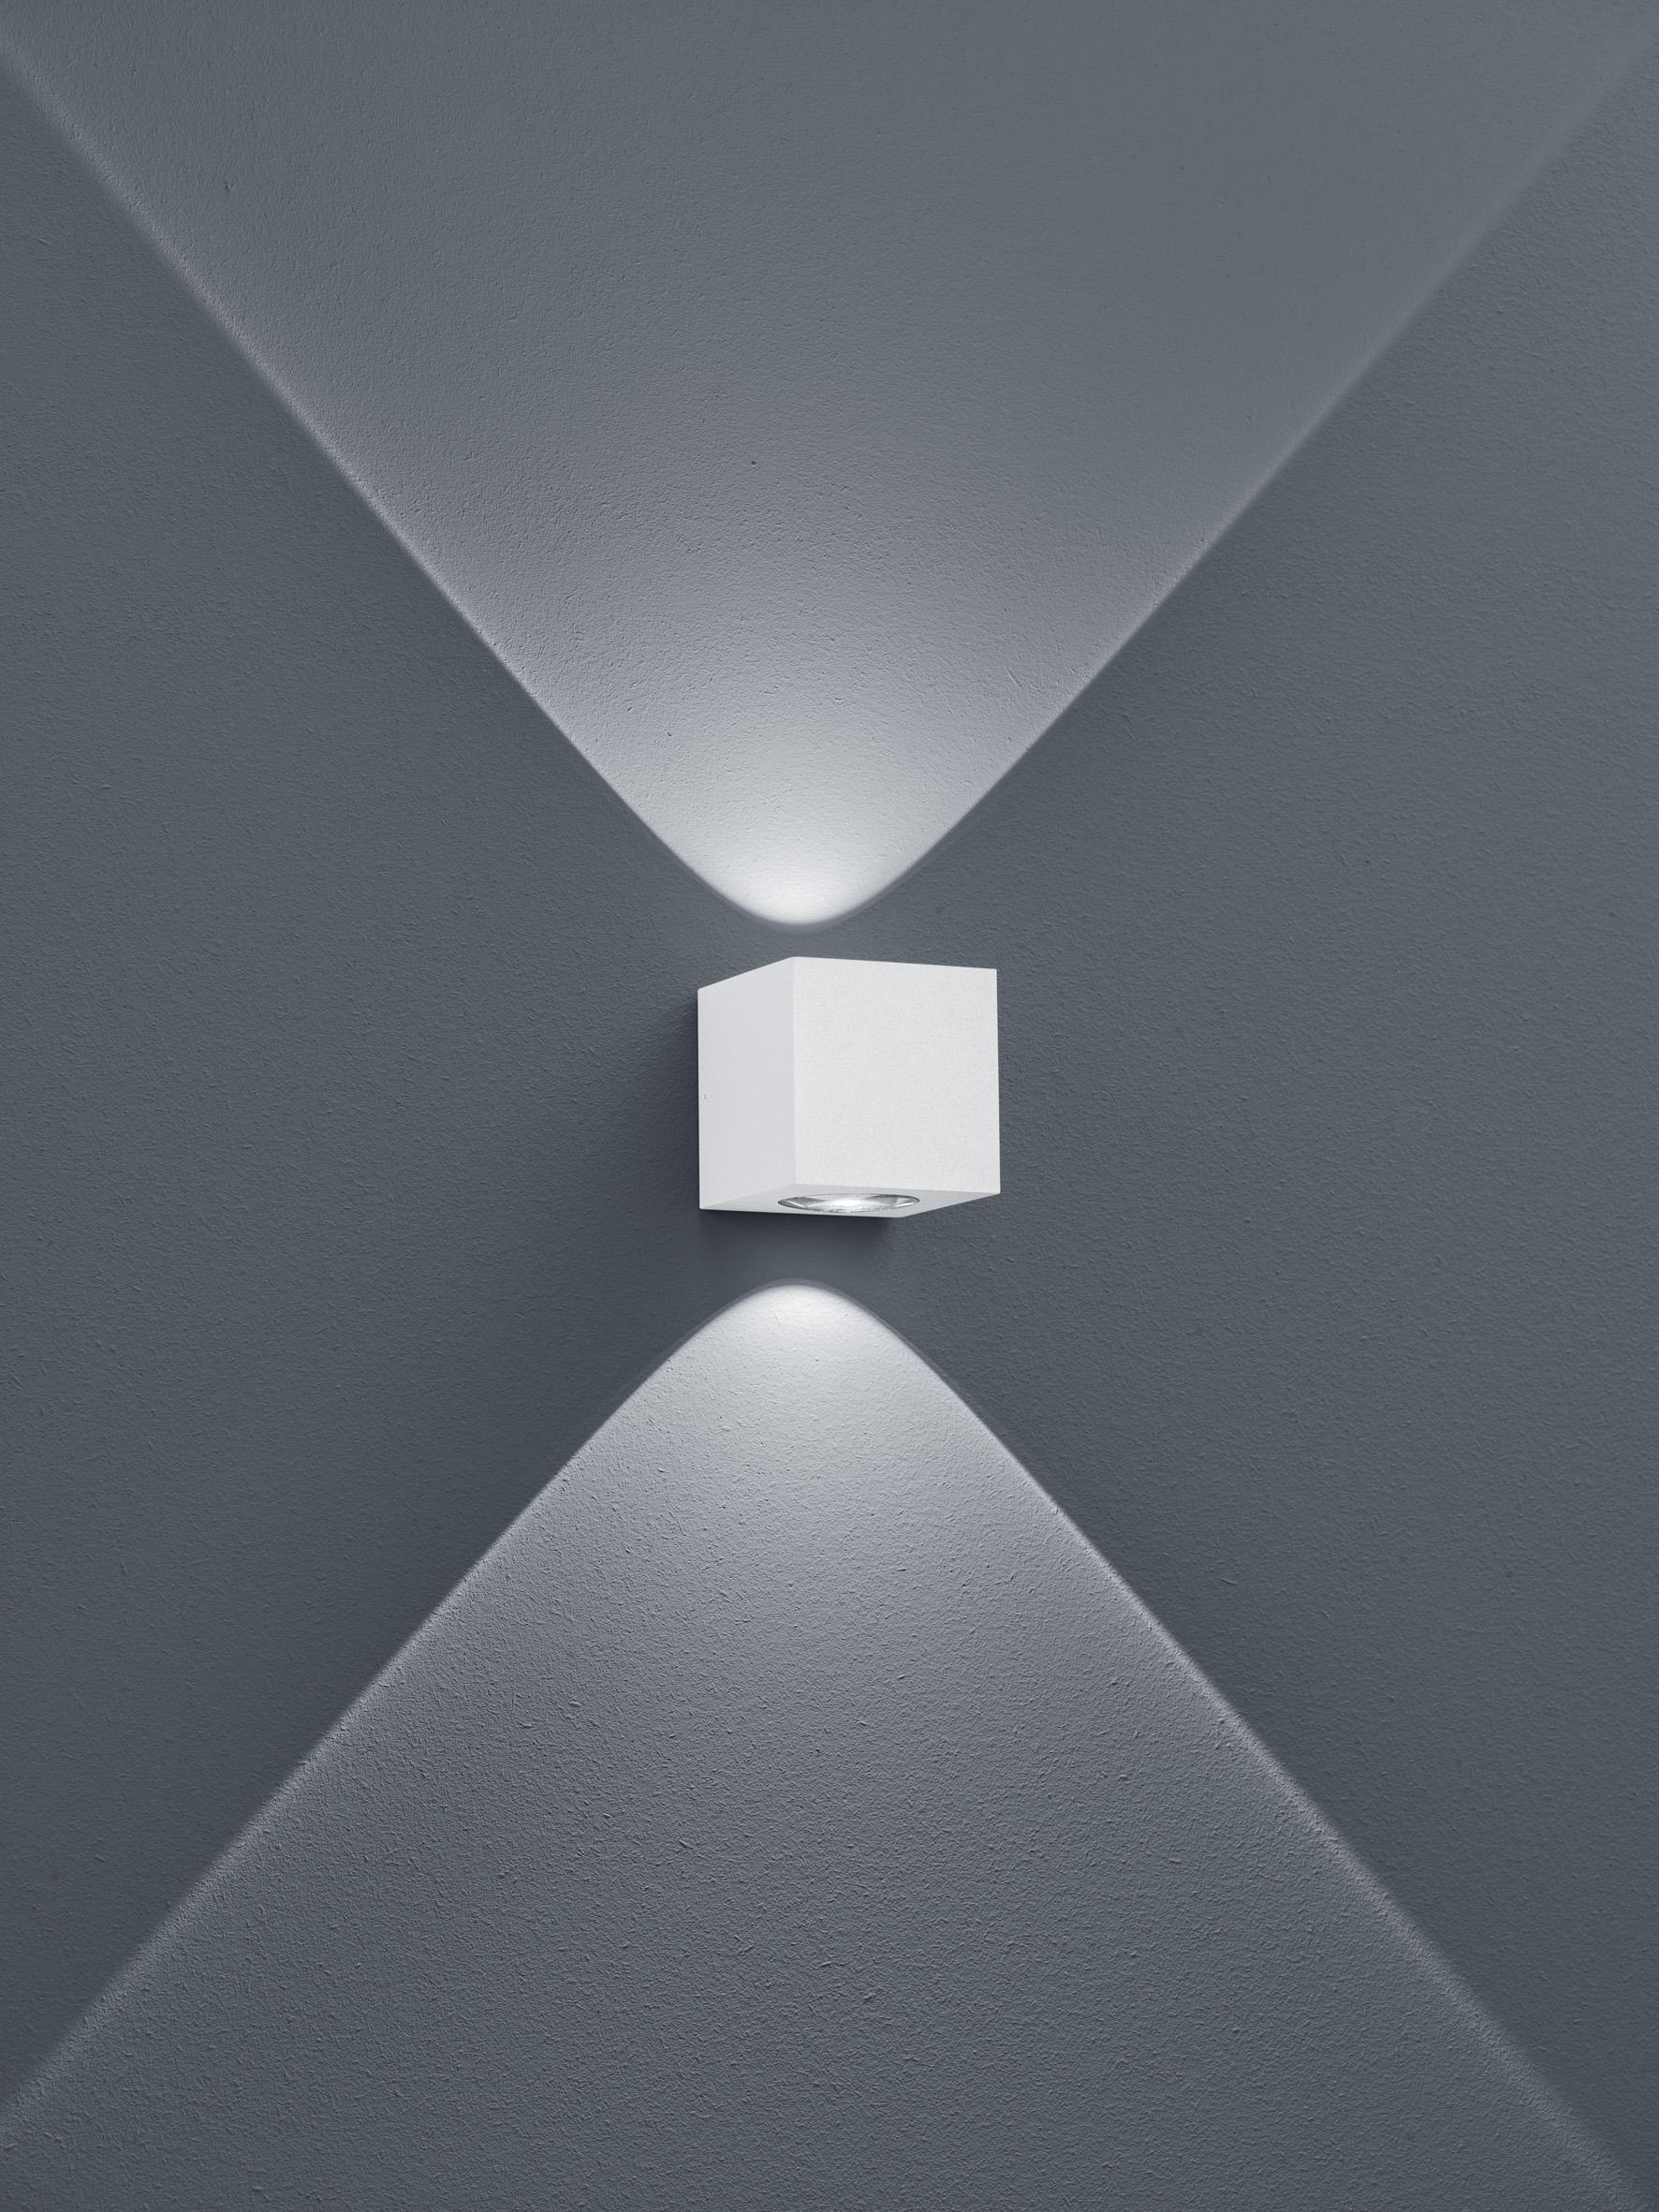 Helestra LeuchtenPEKA LED-WandleuchteA28807.07